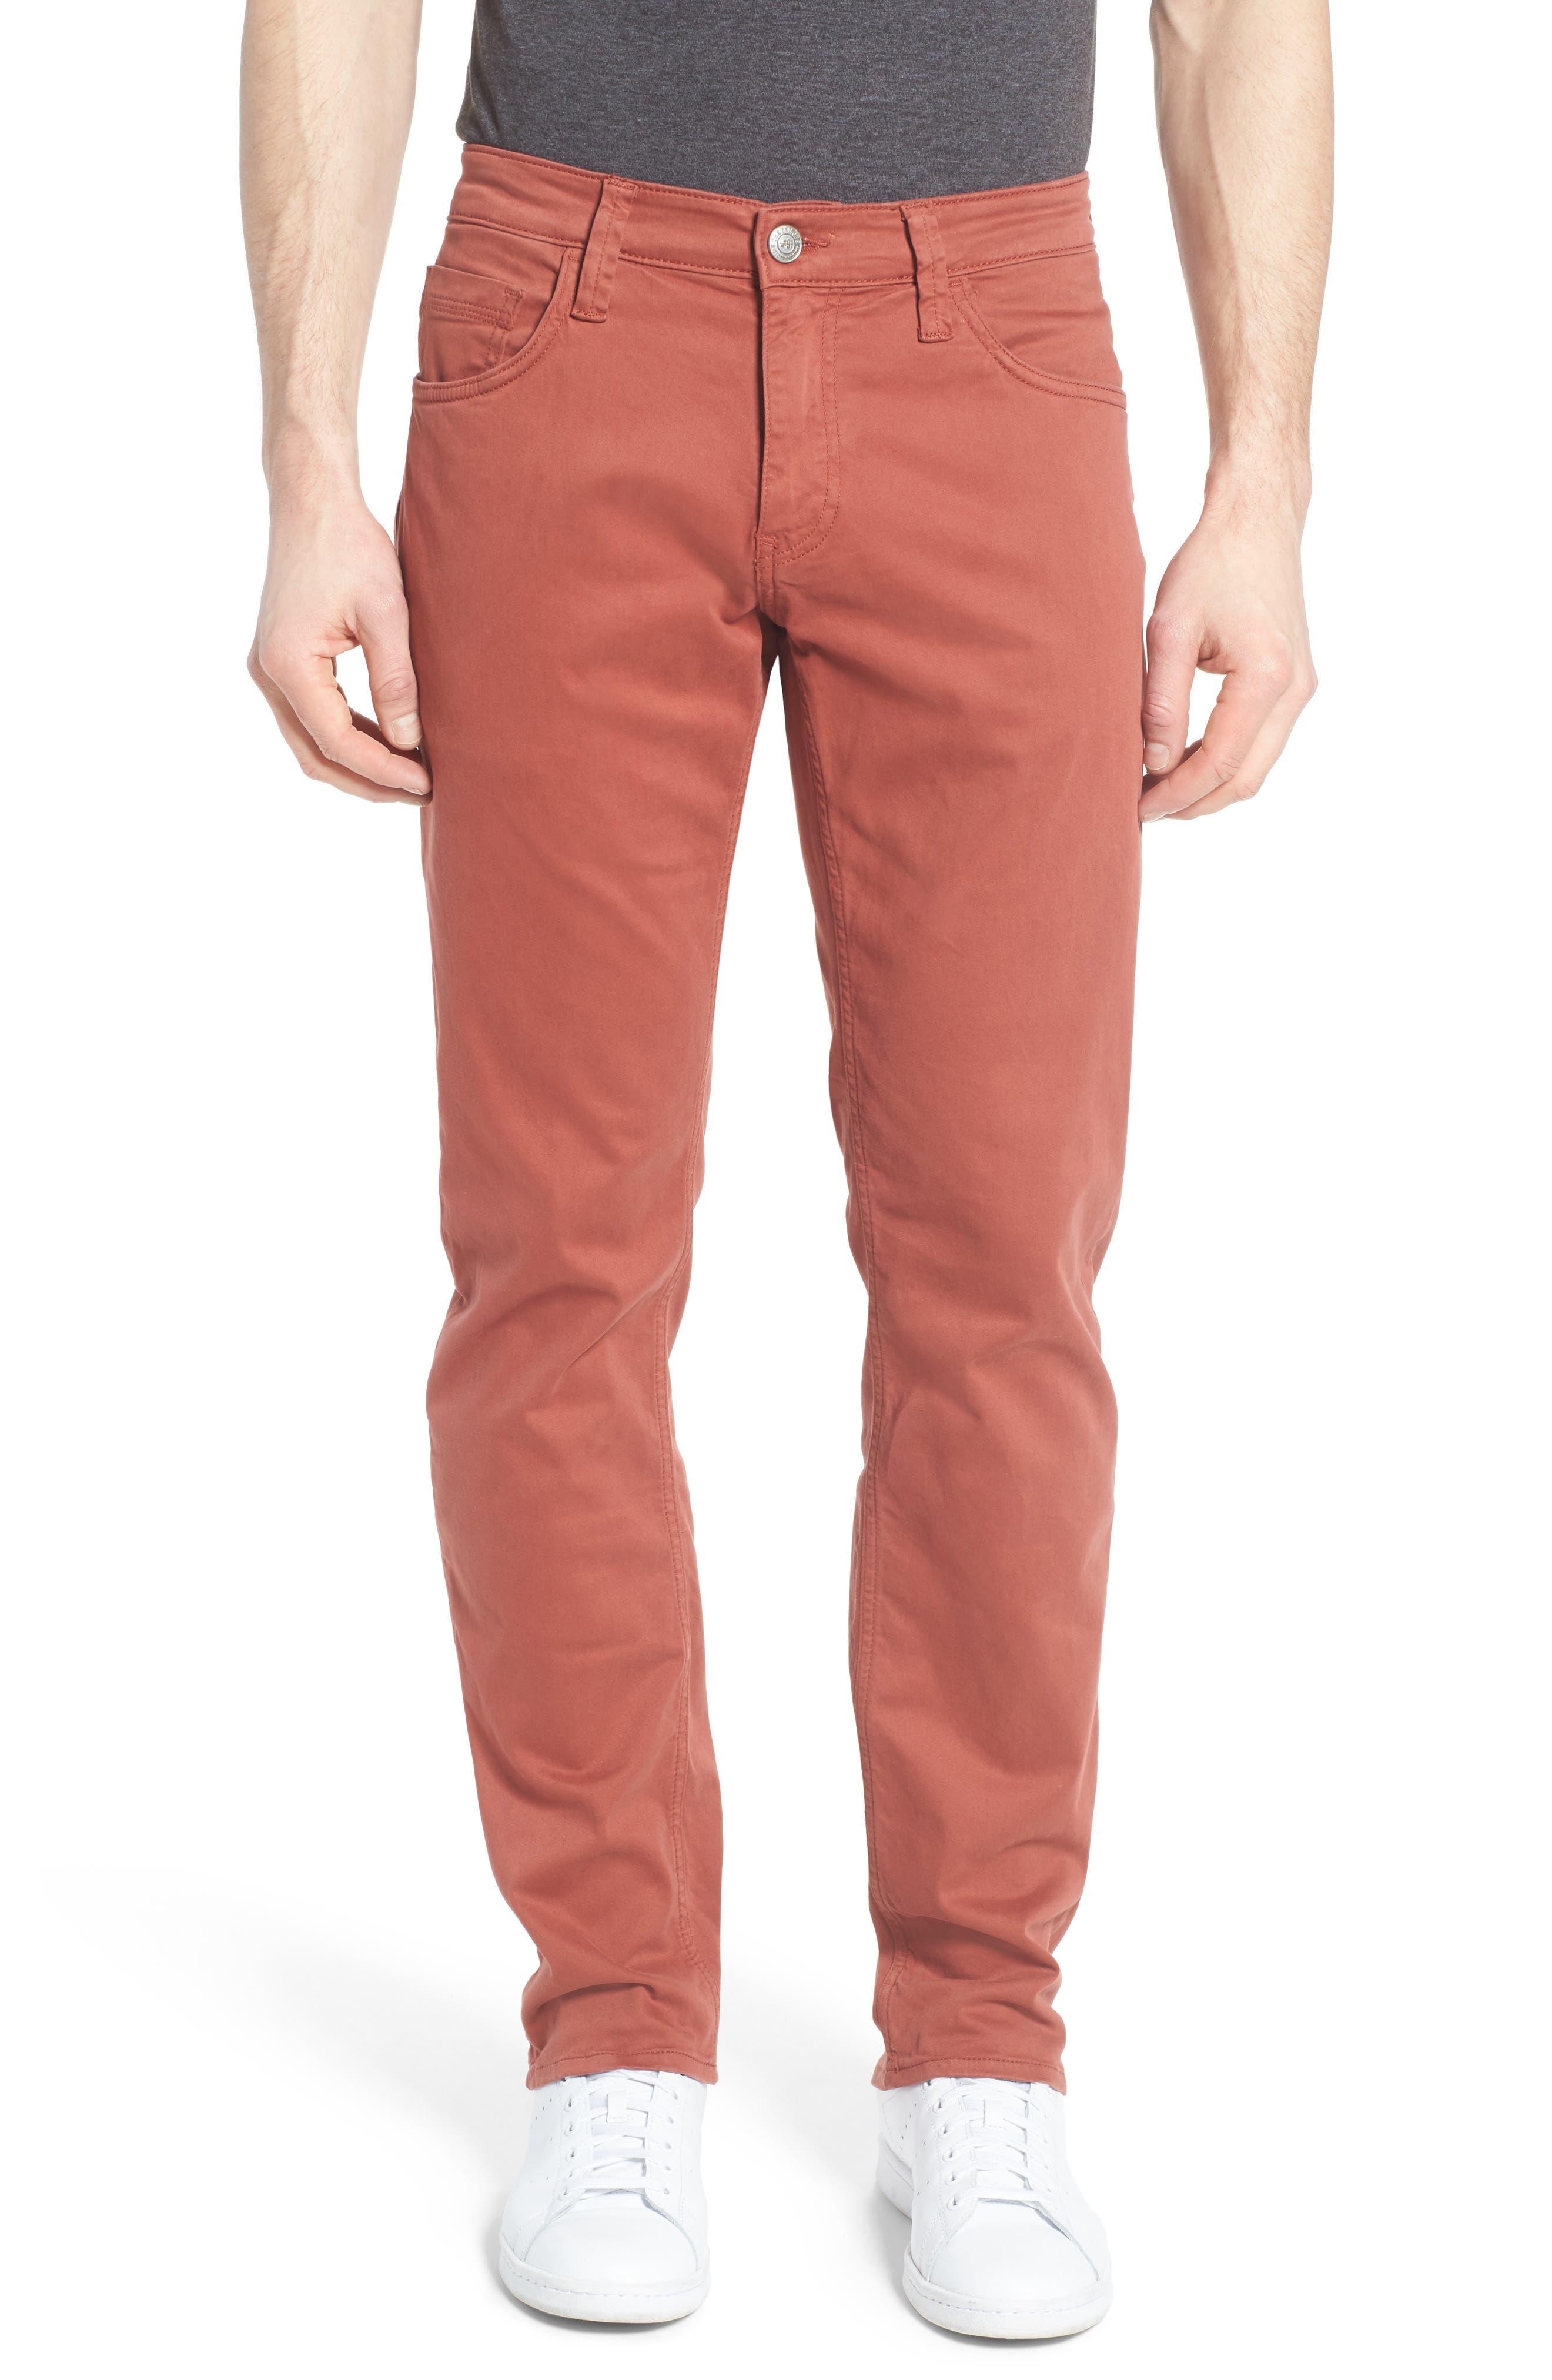 Mavi Jeans Zach Straight Leg Jeans (Brick Red Twill)